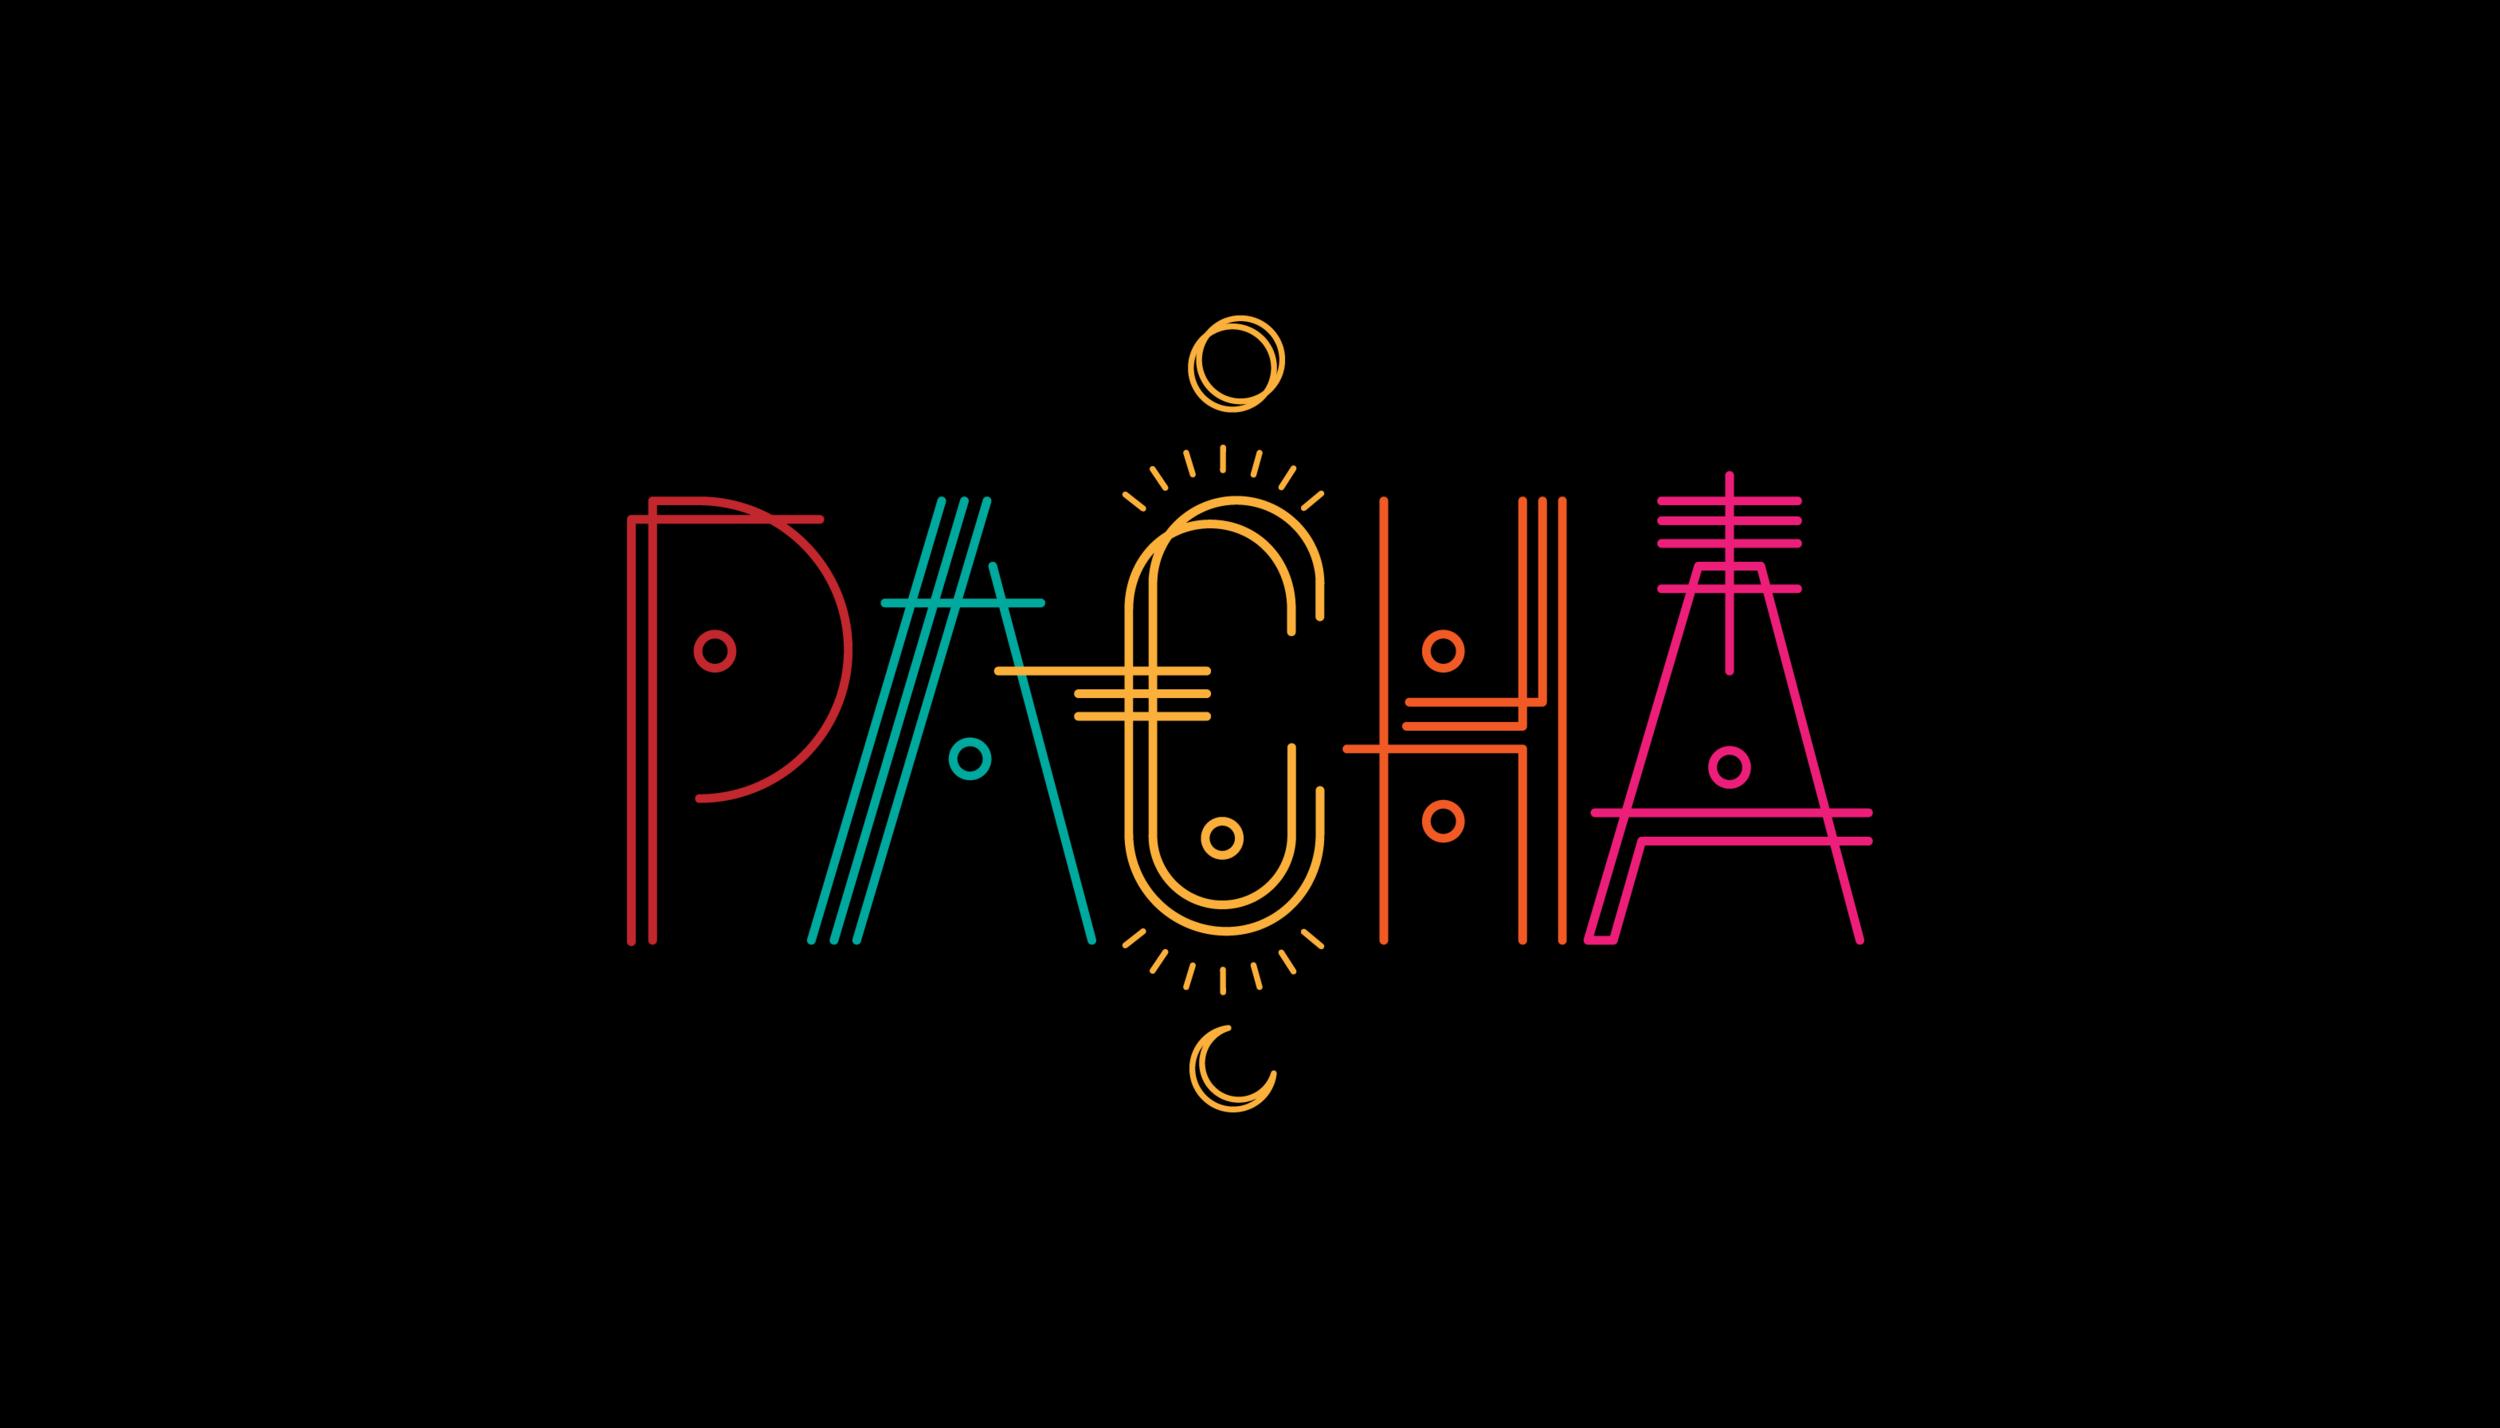 Pacha logo, 2018